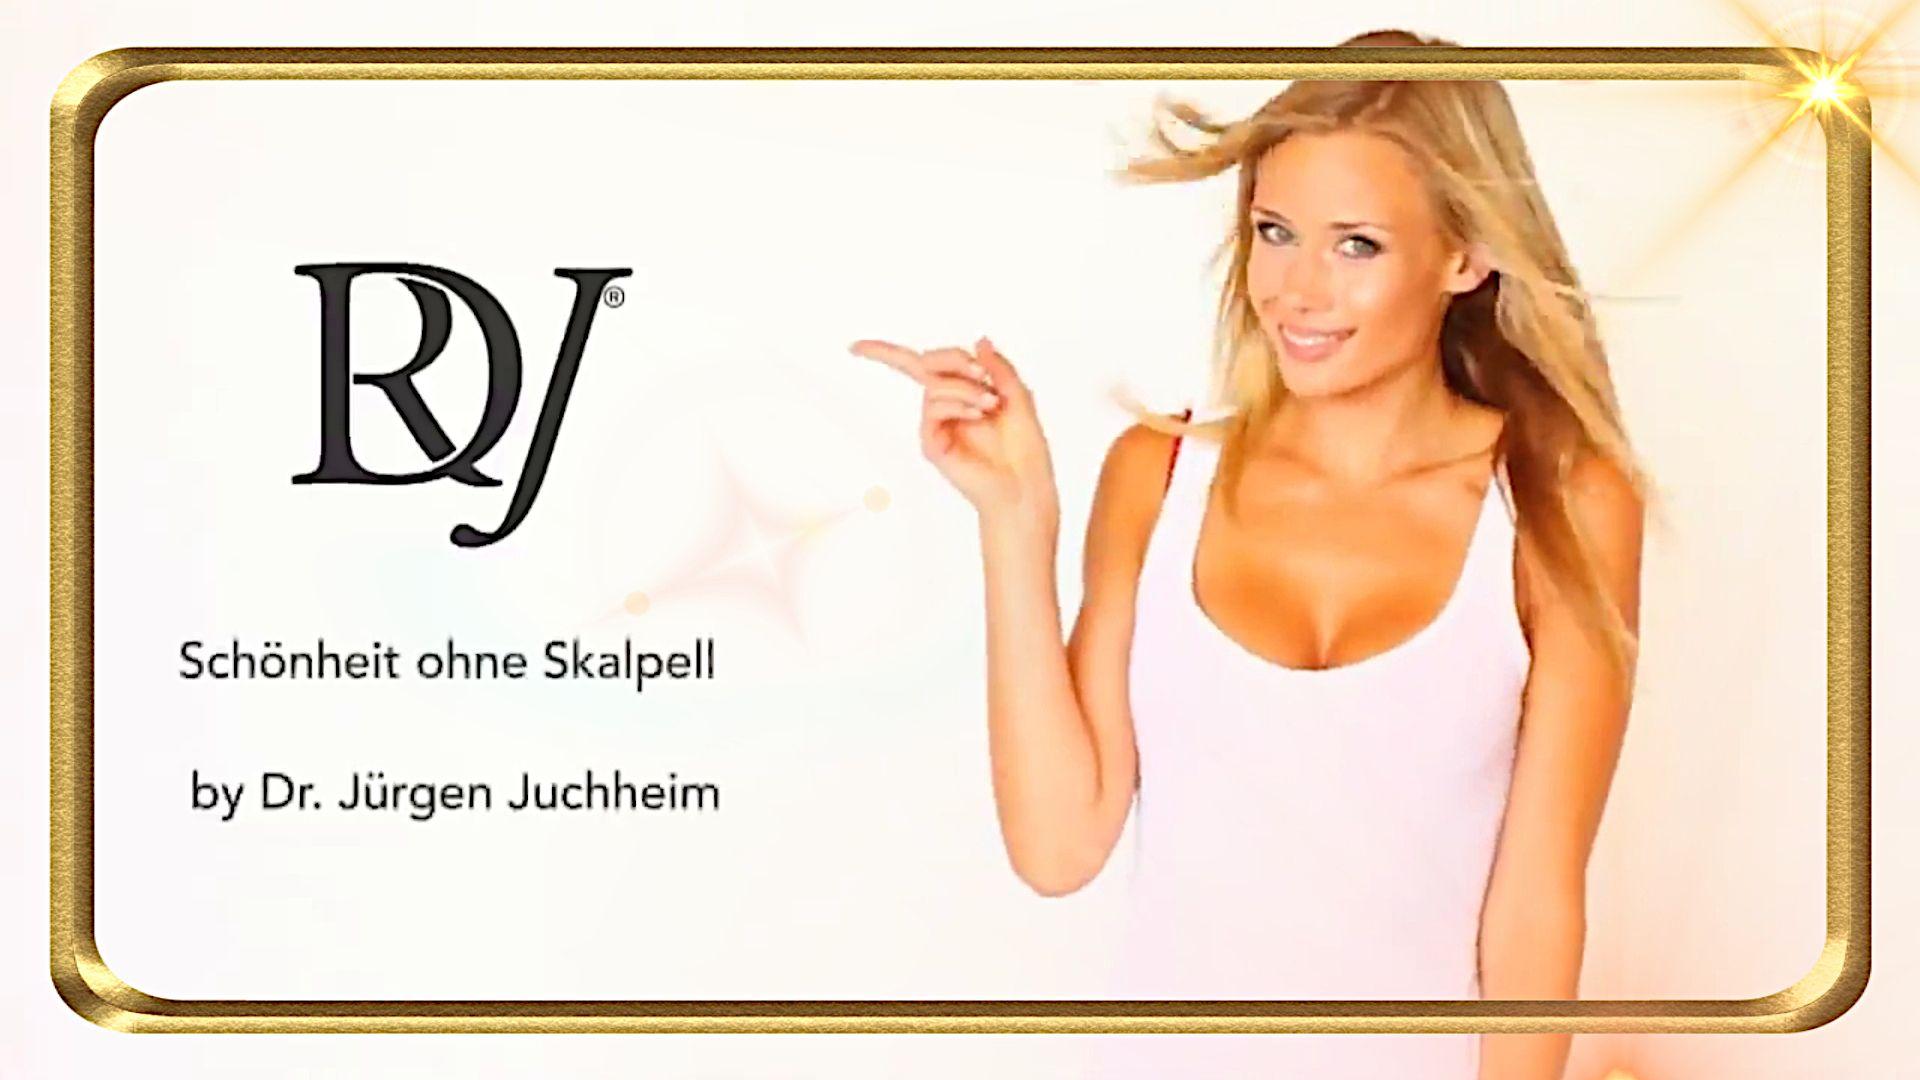 Dr. Juchheim Cosmetics Die Wahrheit über die Juchheim